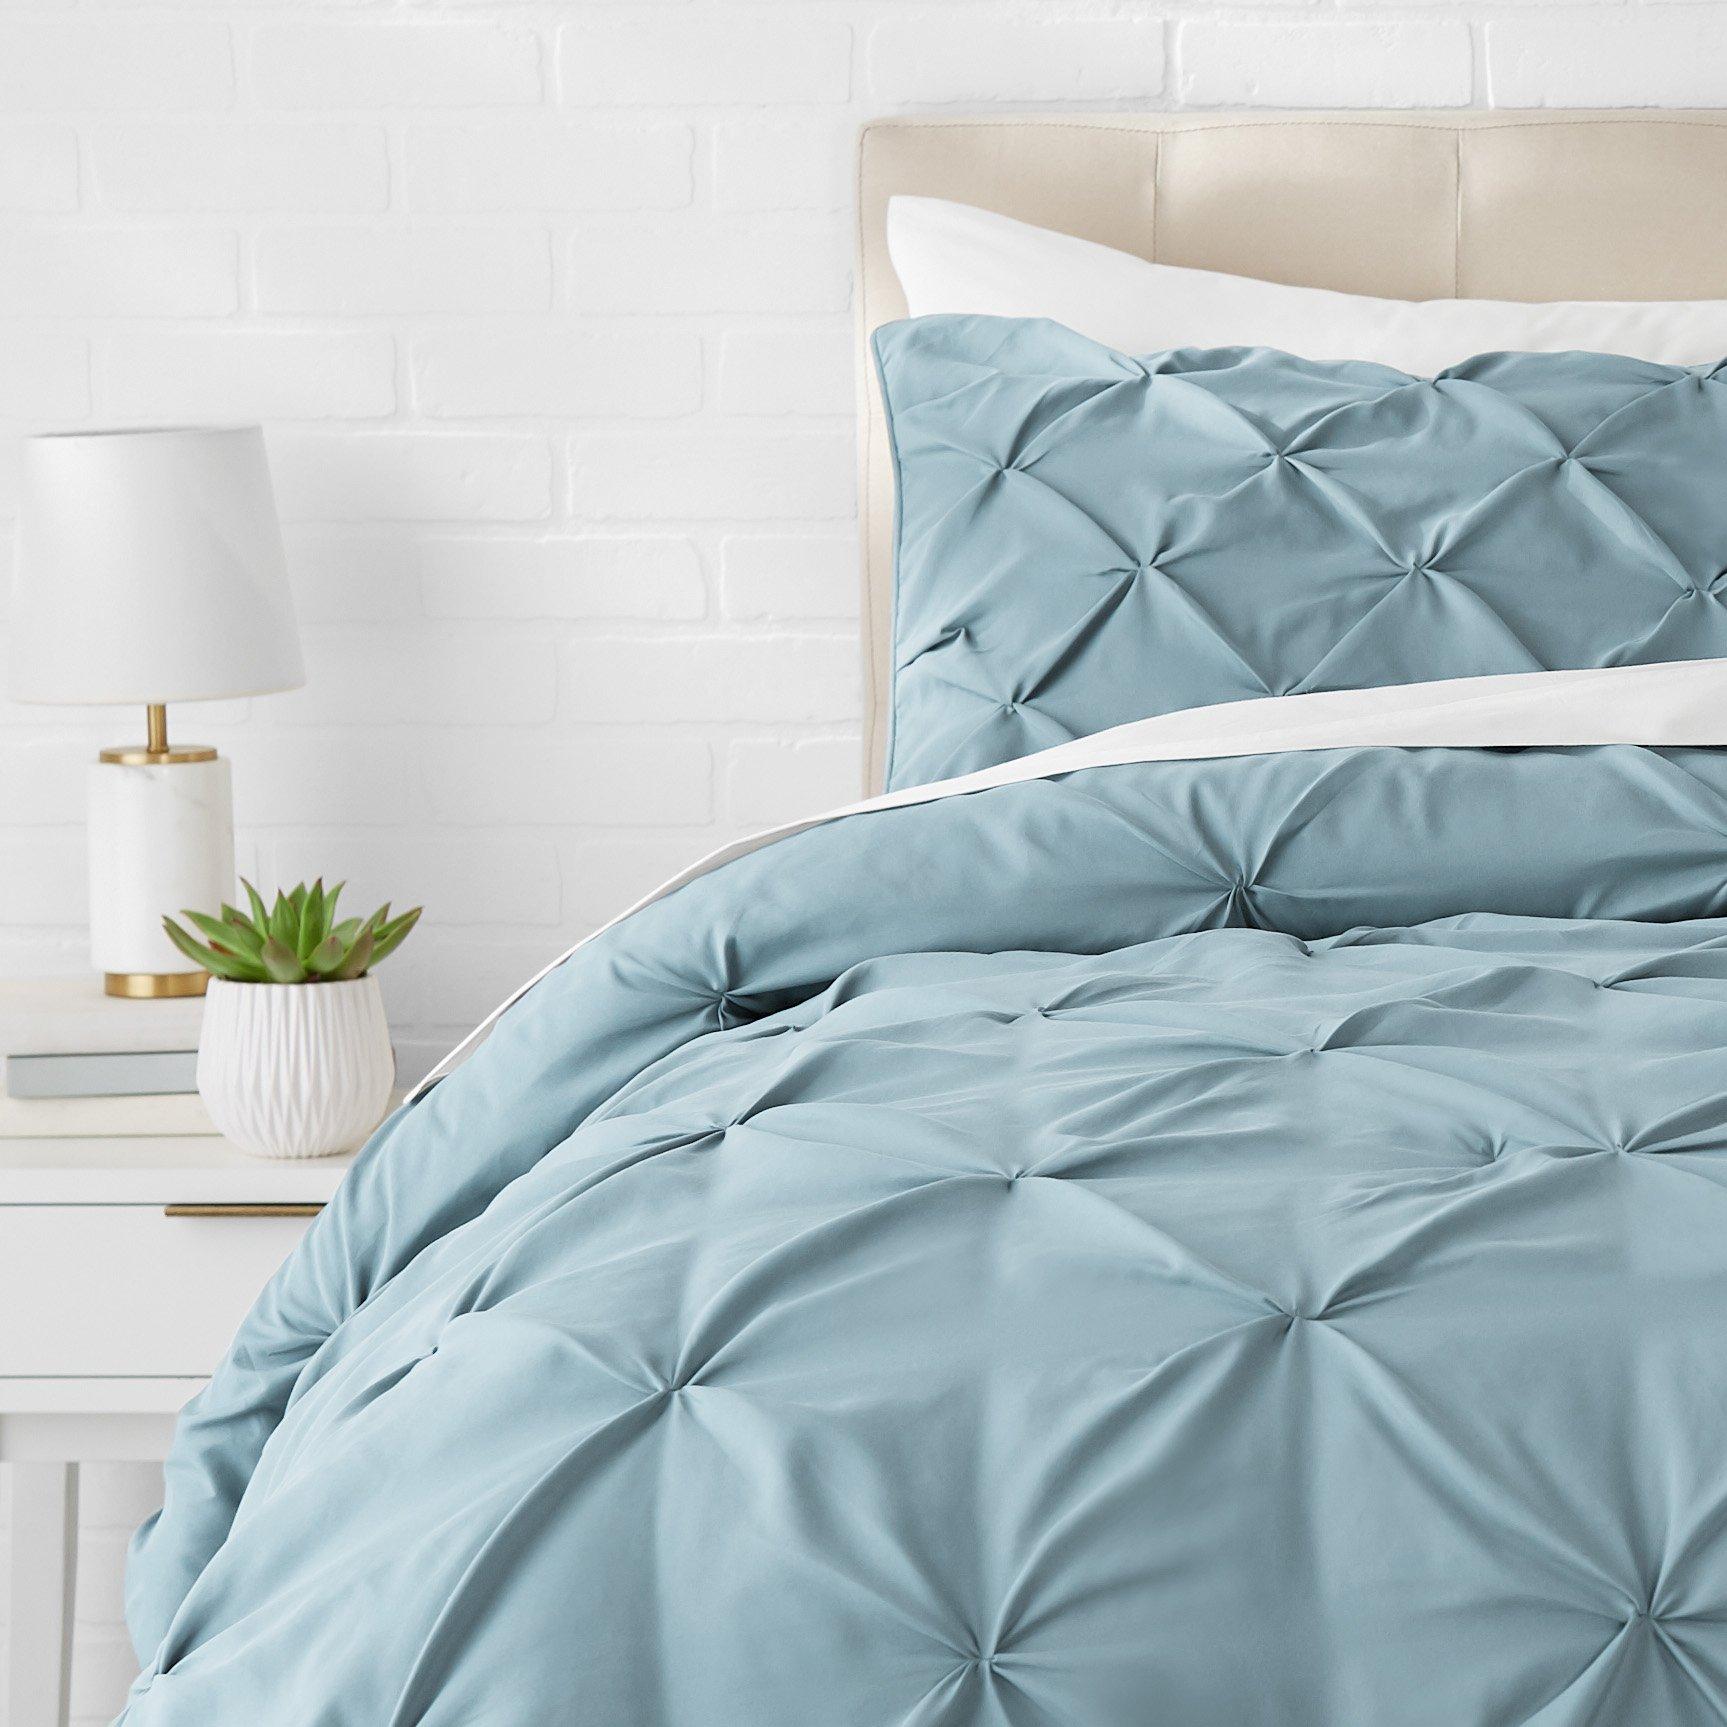 AmazonBasics Pinch Pleat Comforter Set - Twin, Spa Blue by AmazonBasics (Image #1)